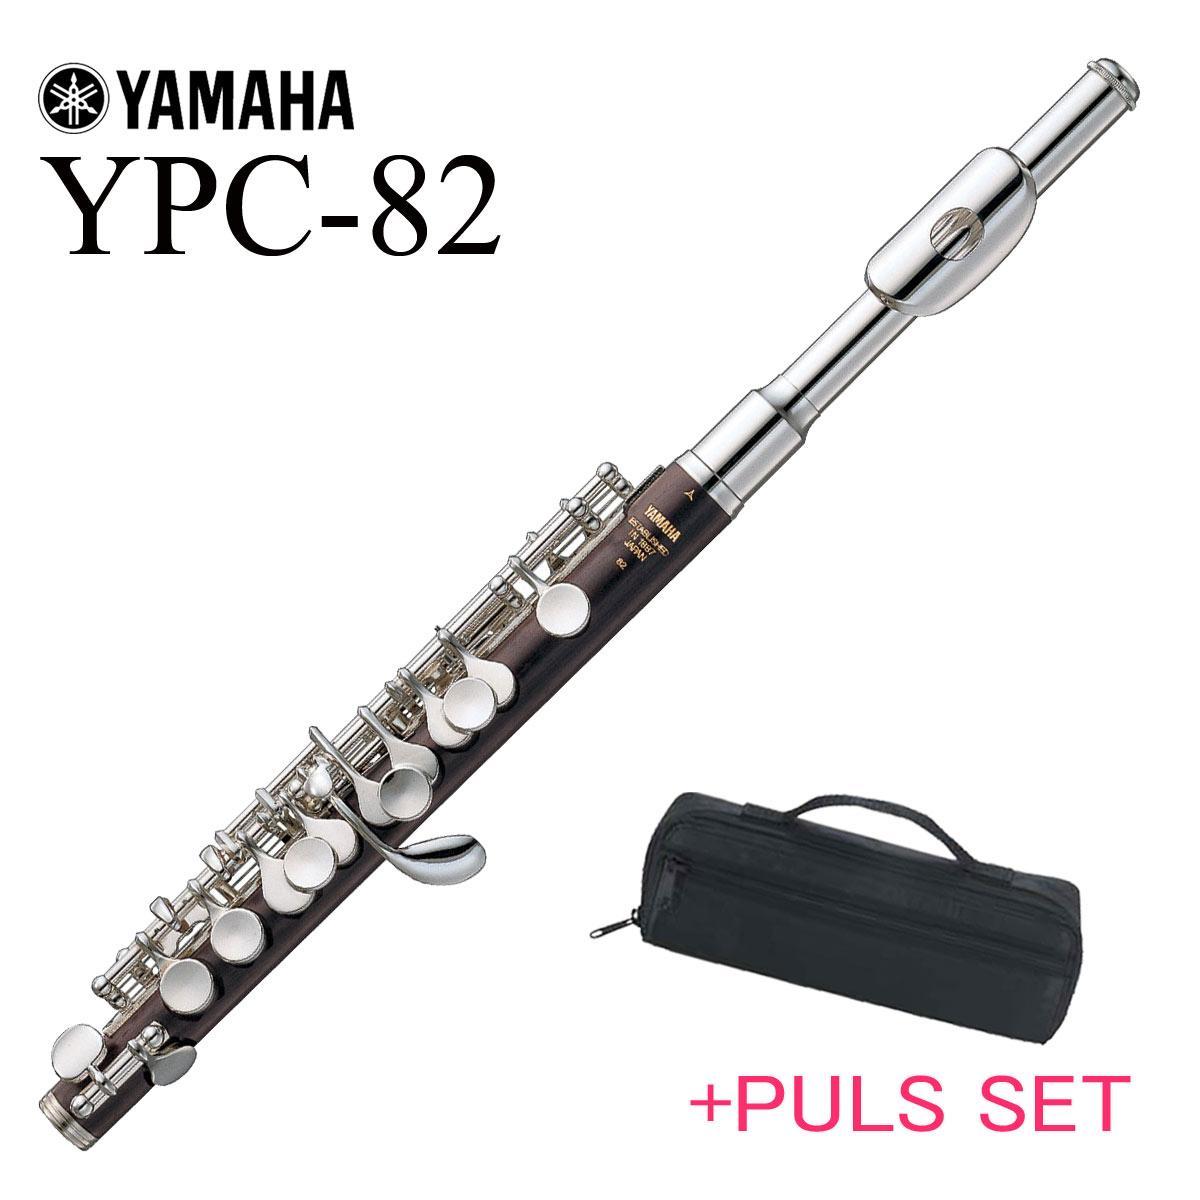 YAMAHA / YPC-82 ヤマハ ピッコロ 頭部管銀製 木製管体 ハンドクラフト【ケースカバーセット】【5年保証】